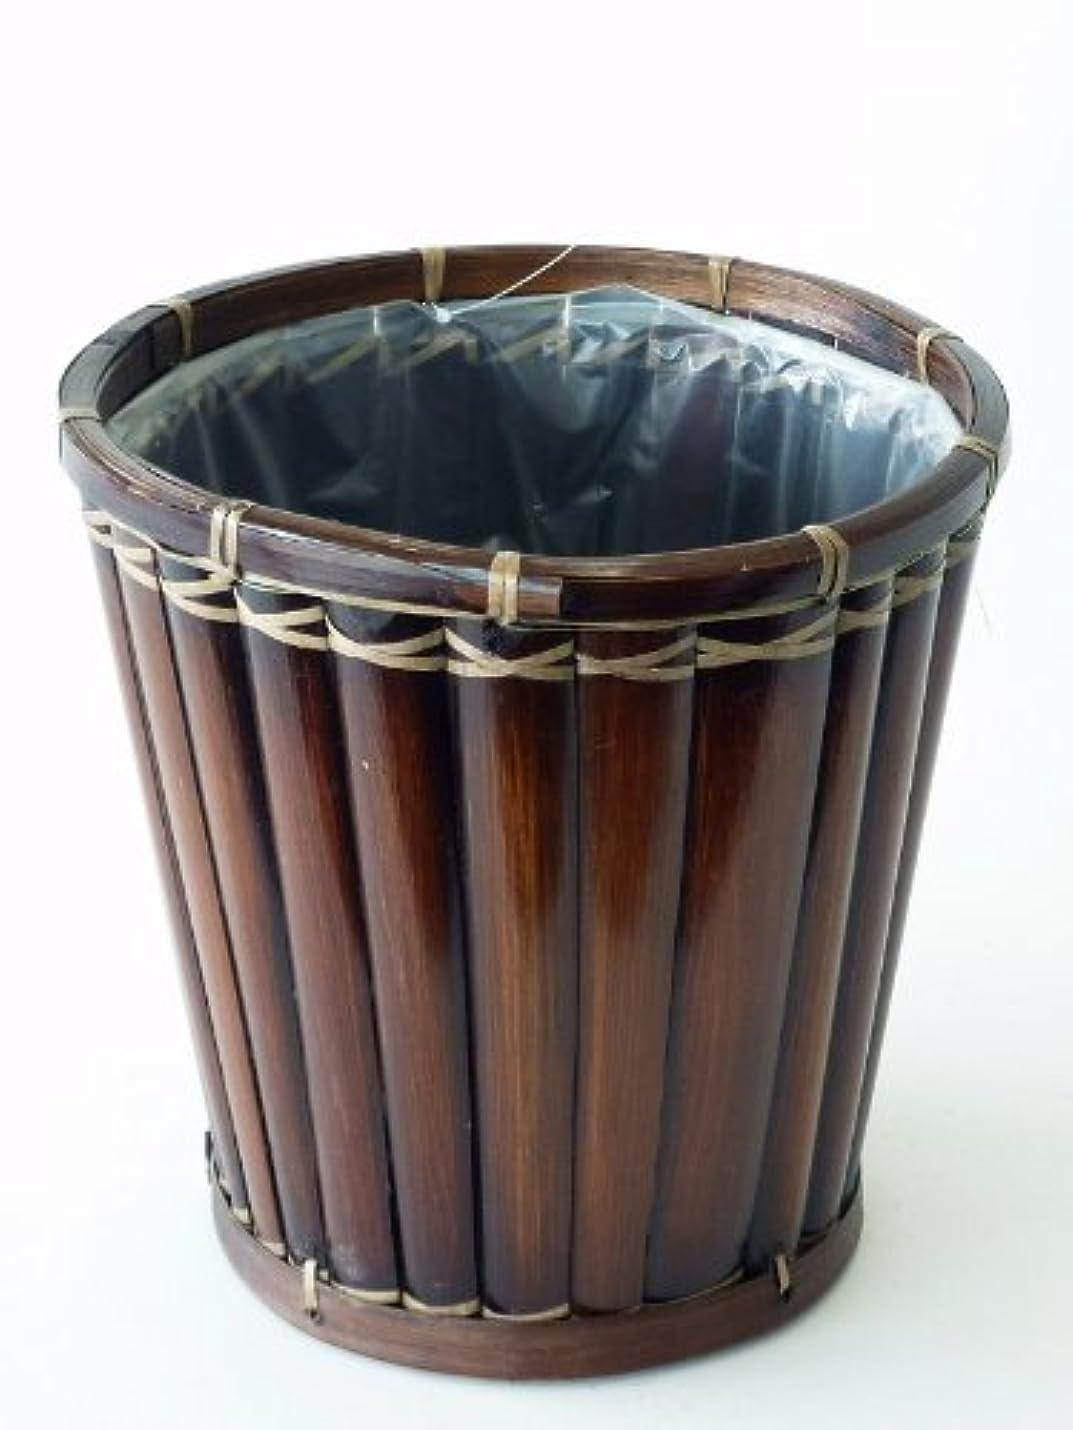 震える麻痺させるクリア鉢バスケット(7号) ナチュラル感たっぷりの鉢用のカゴです。お気に入りの観葉植物がオシャレなインテリアになります。